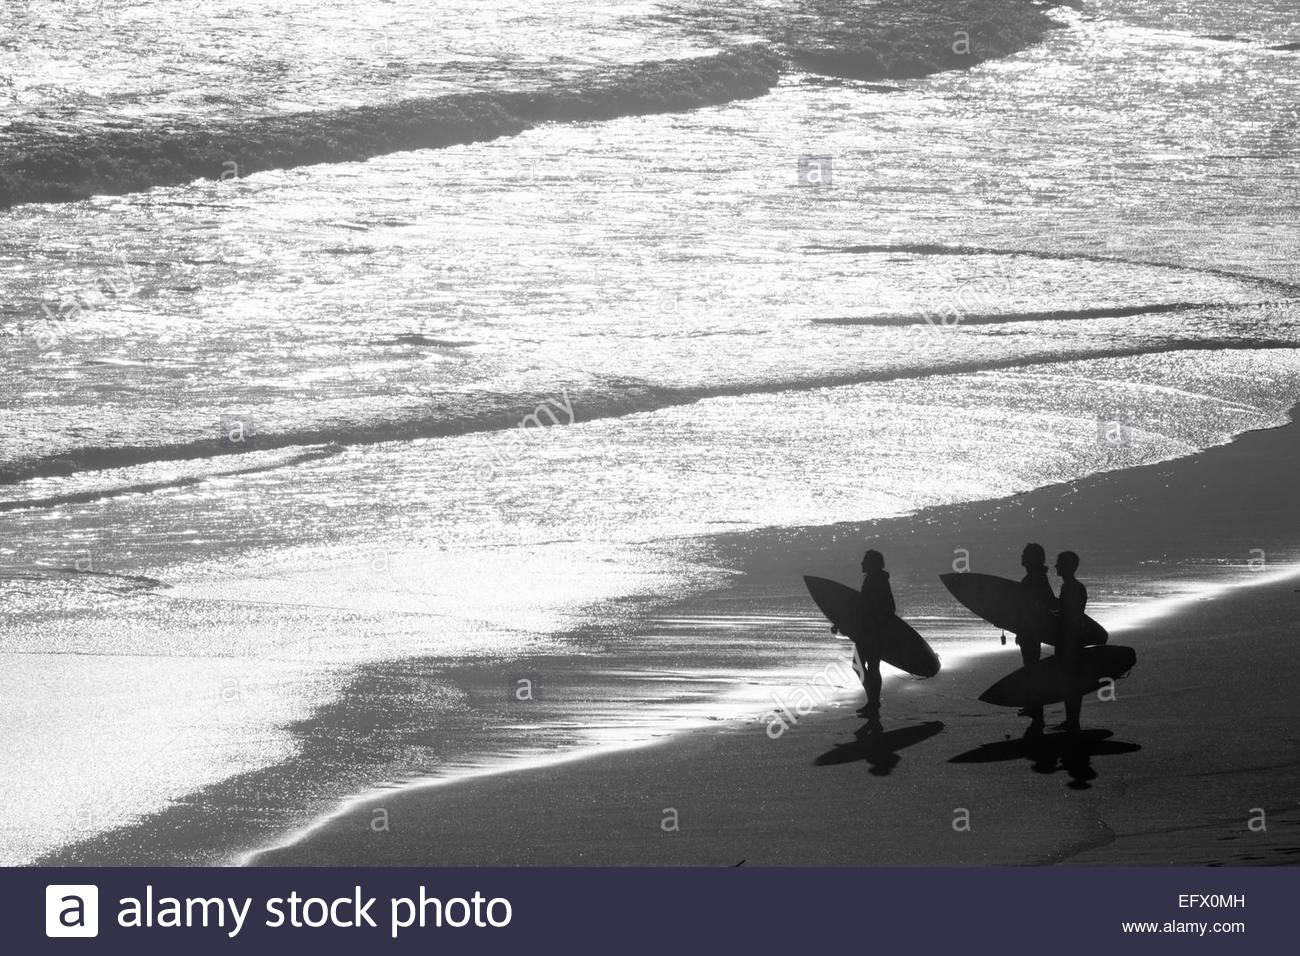 Gruppo di Surfers che trasportano tavole da surf che guarda al mare Immagini Stock